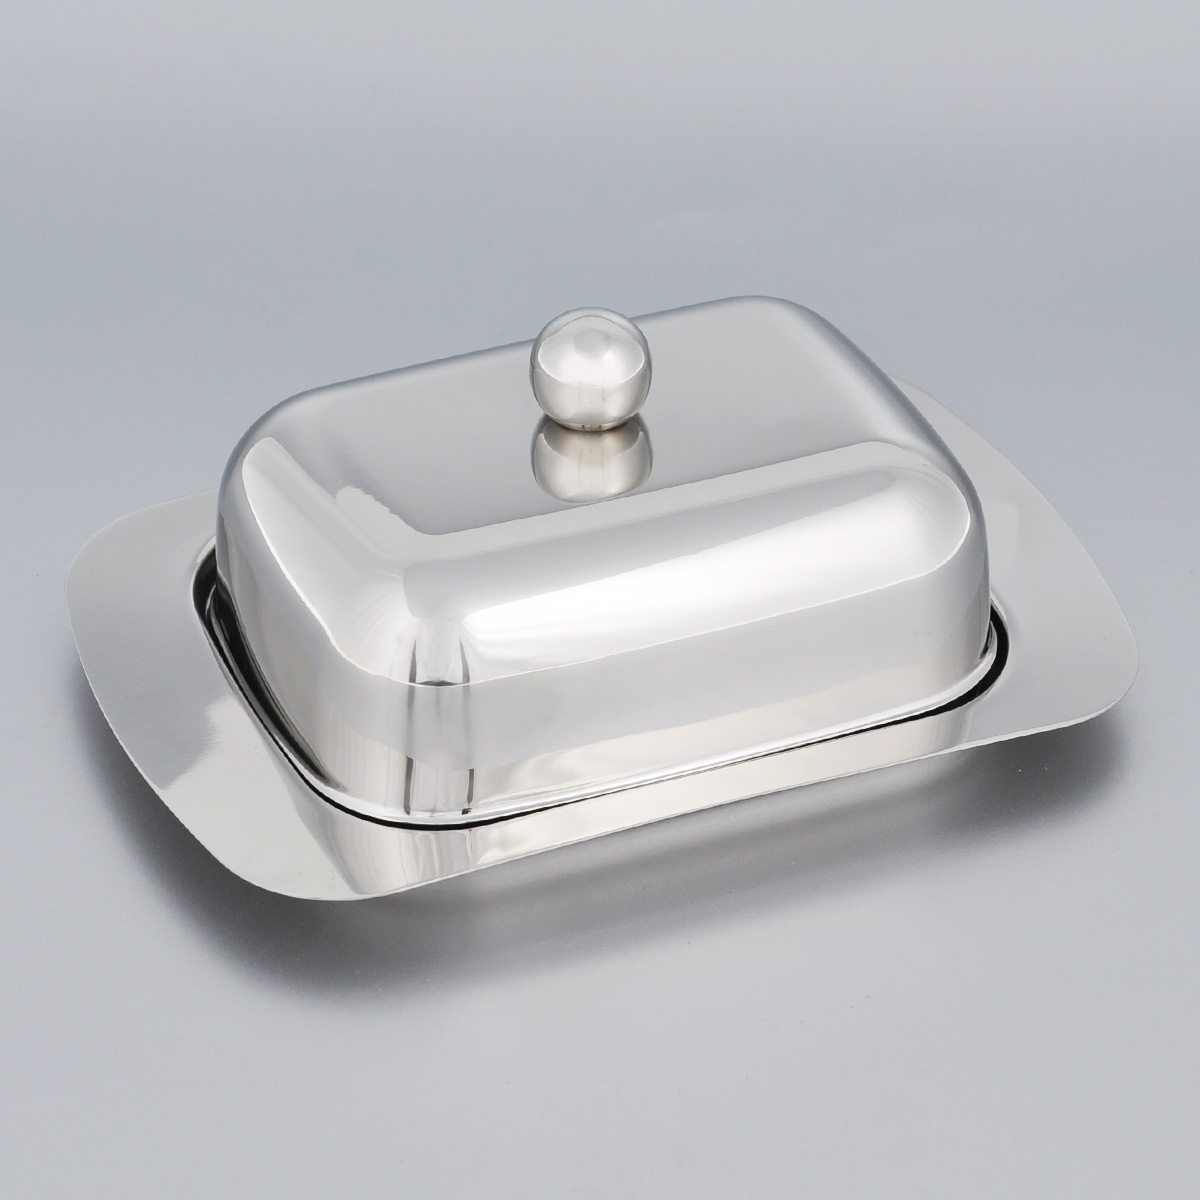 Масленка Mayer & Boch. 342493-TR-03-01Масленка Mayer & Boch, изготовленная из высококачественной нержавеющей стали, предназначена для красивой сервировки и хранения масла. Она состоит из подноса и крышки с ручкой. Масло в ней долго остается свежим, а при хранении в холодильнике не впитывает посторонние запахи. Гладкая поверхность обеспечивает легкую чистку. Можно мыть в посудомоечной машине. Размер подноса: 18,5 см х 12 см х 2 см. Размер крышки: 13,5 см х 10 см х 6 см.